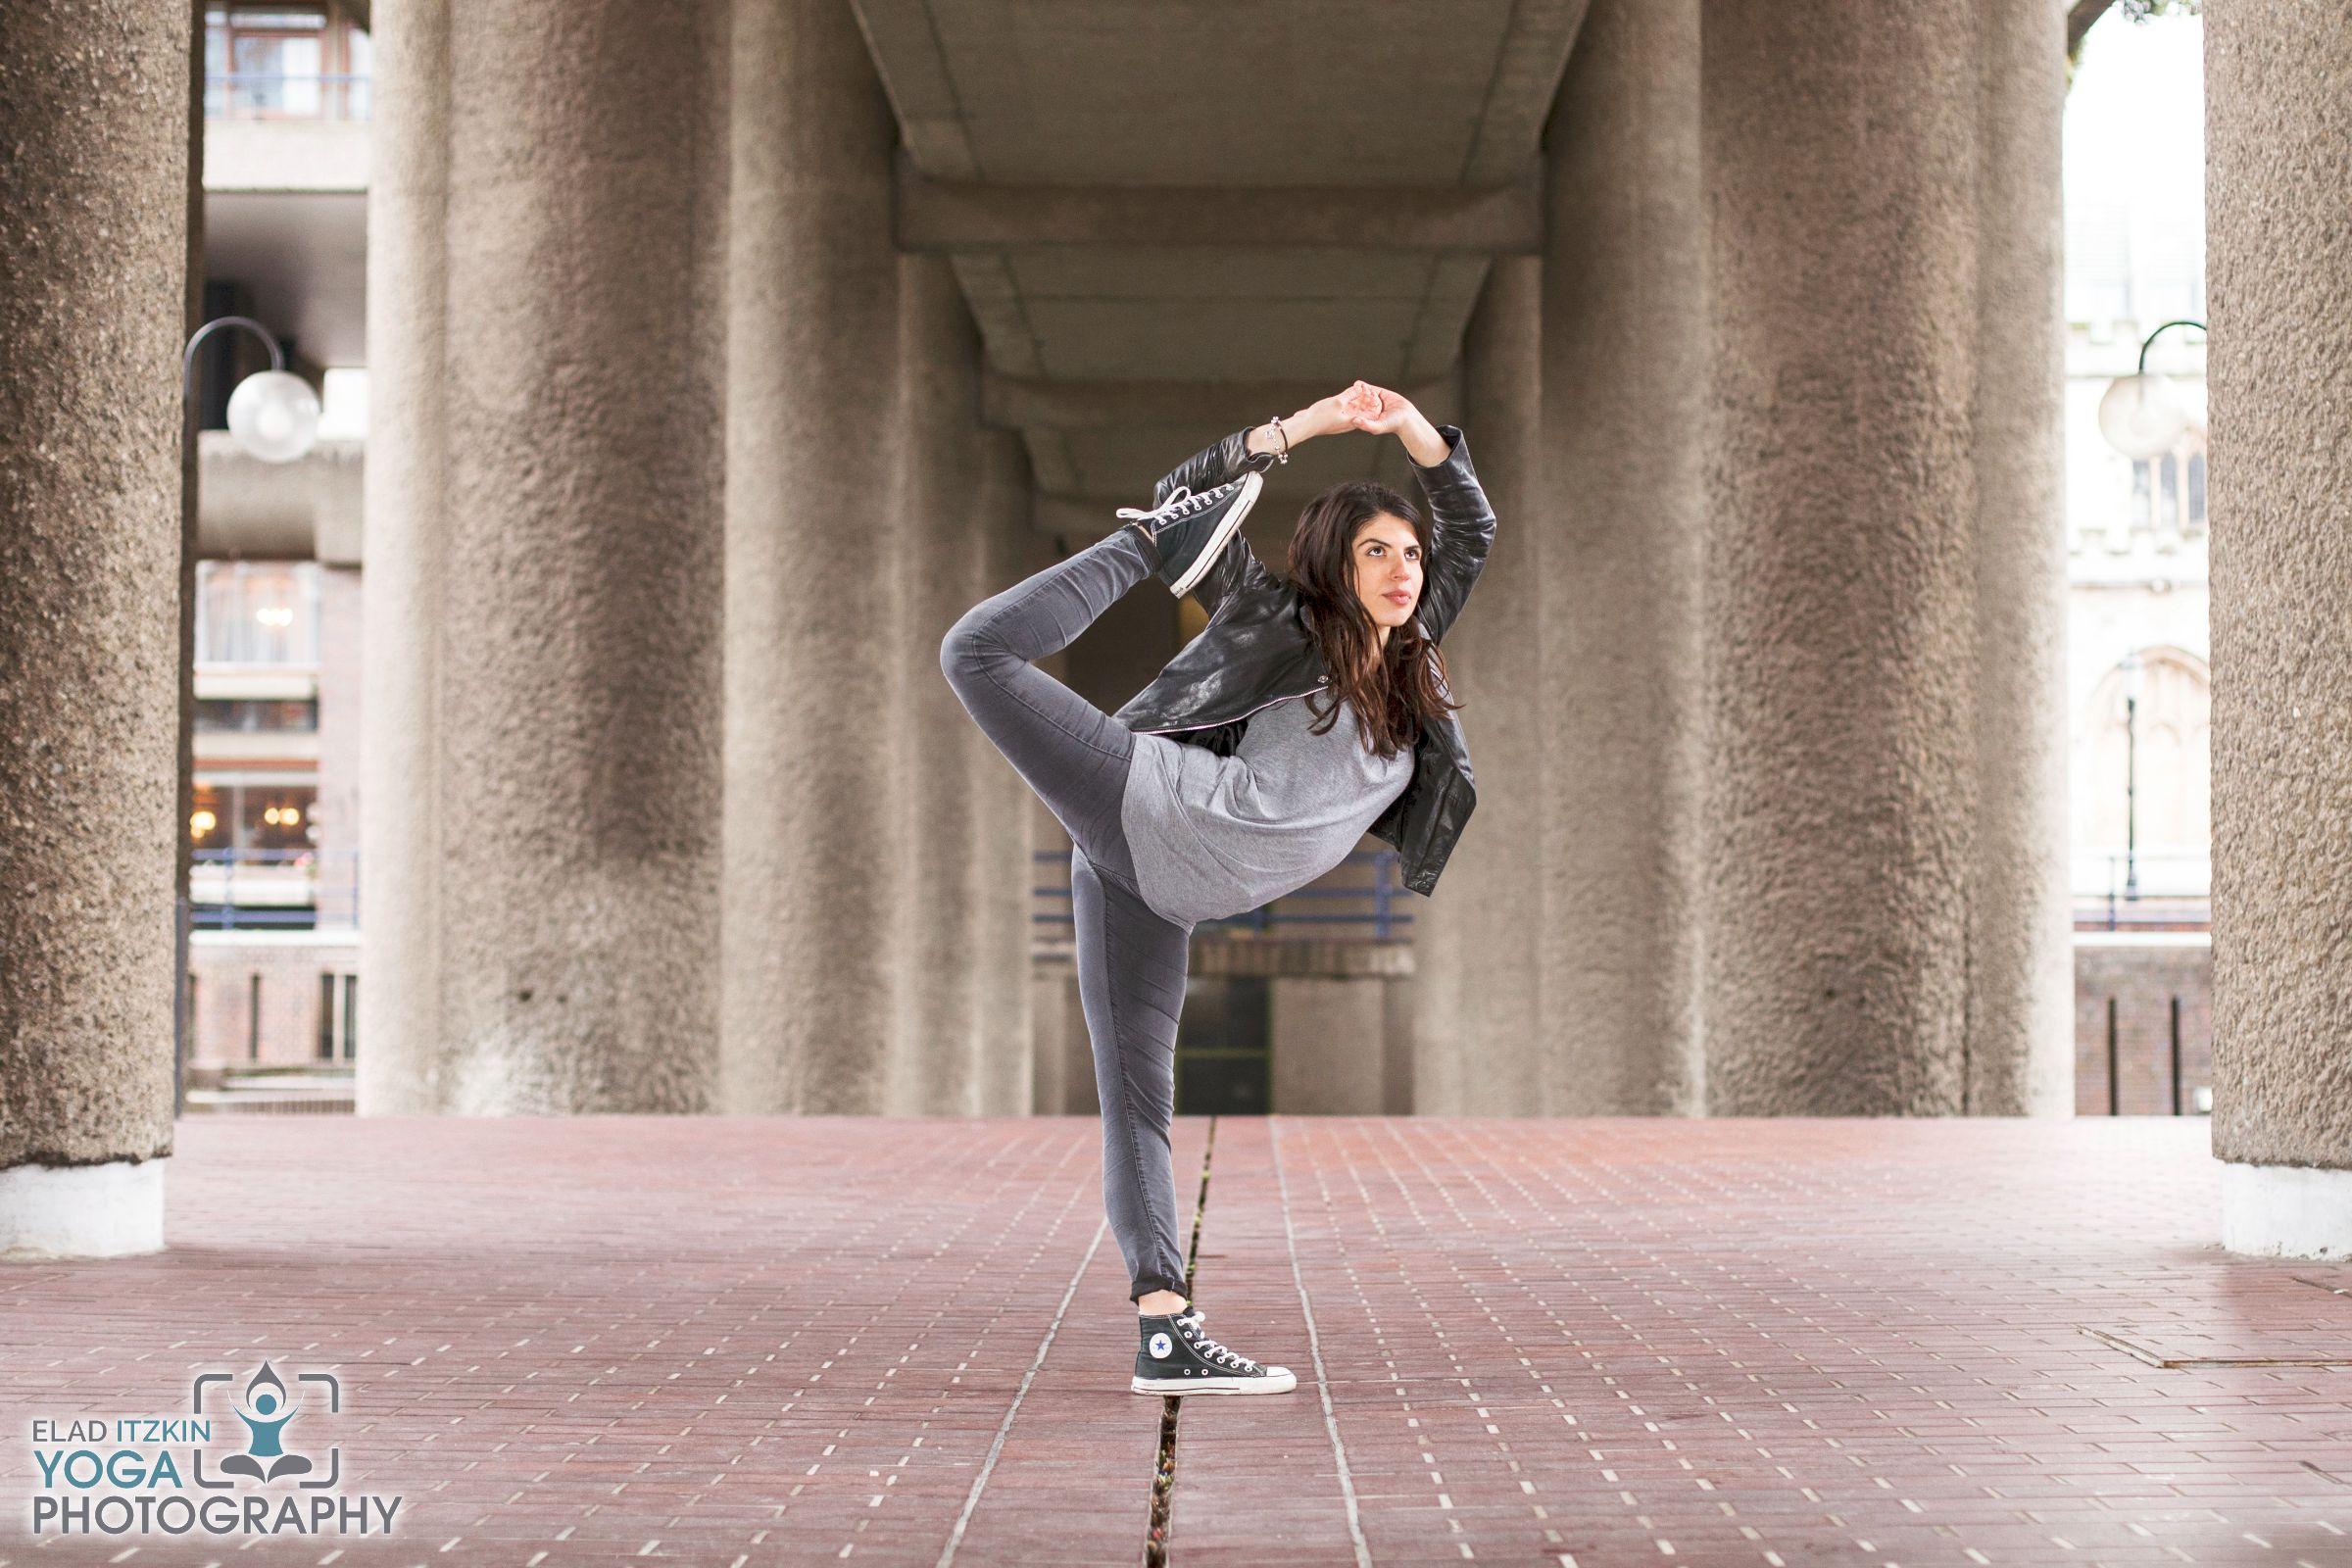 Hülya Baytar Yoga